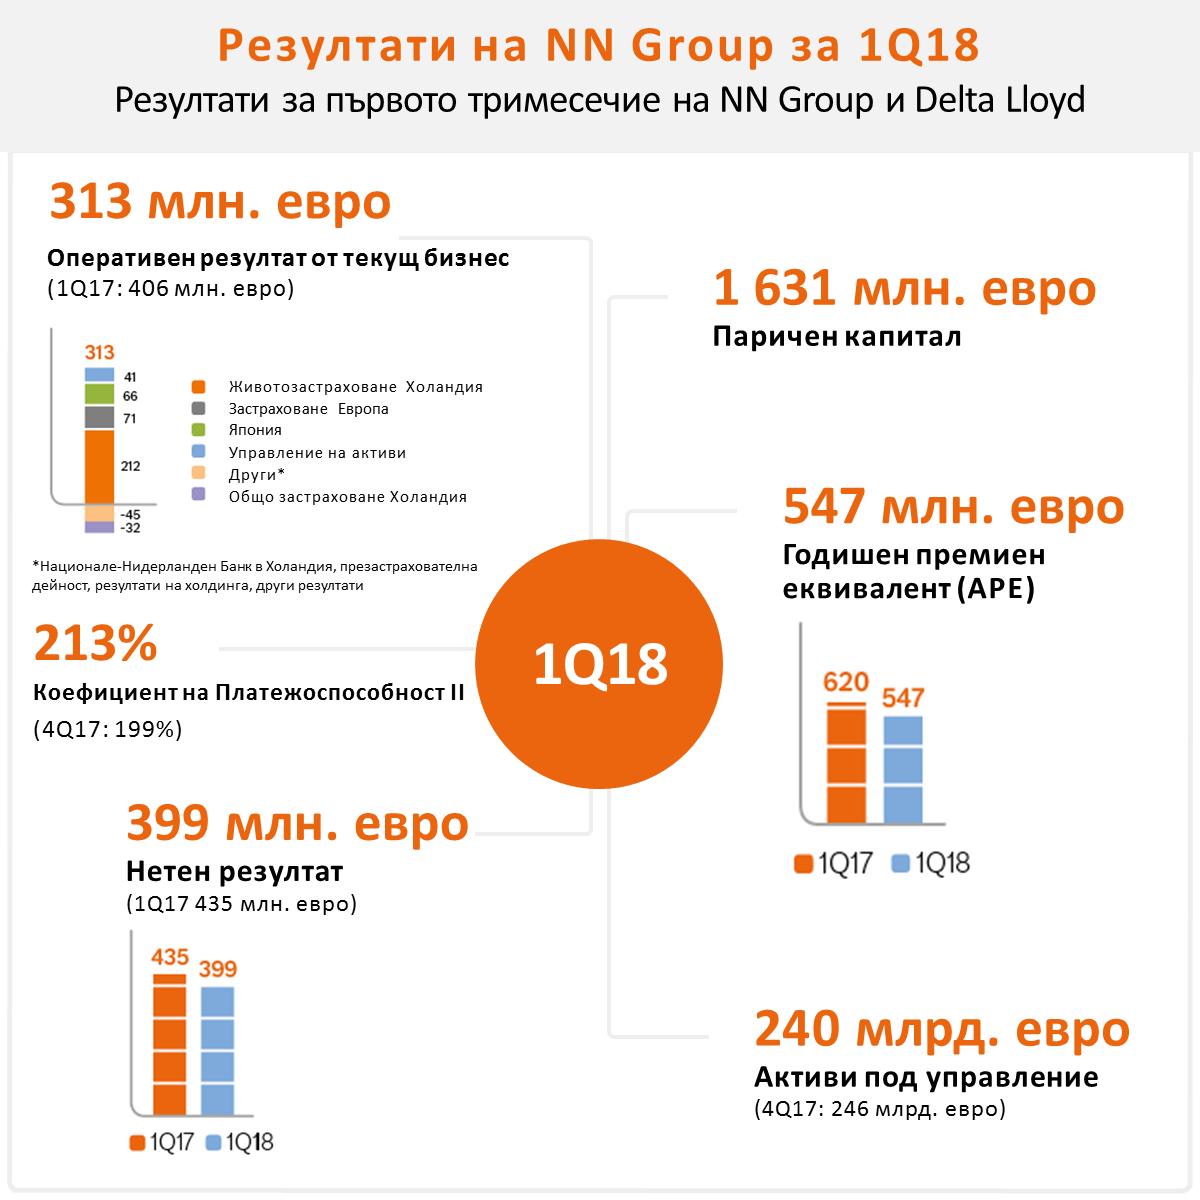 Коефициентът Платежоспособност II нараства до 213%, а интеграцията на NN и Делта Лойд се развива по план